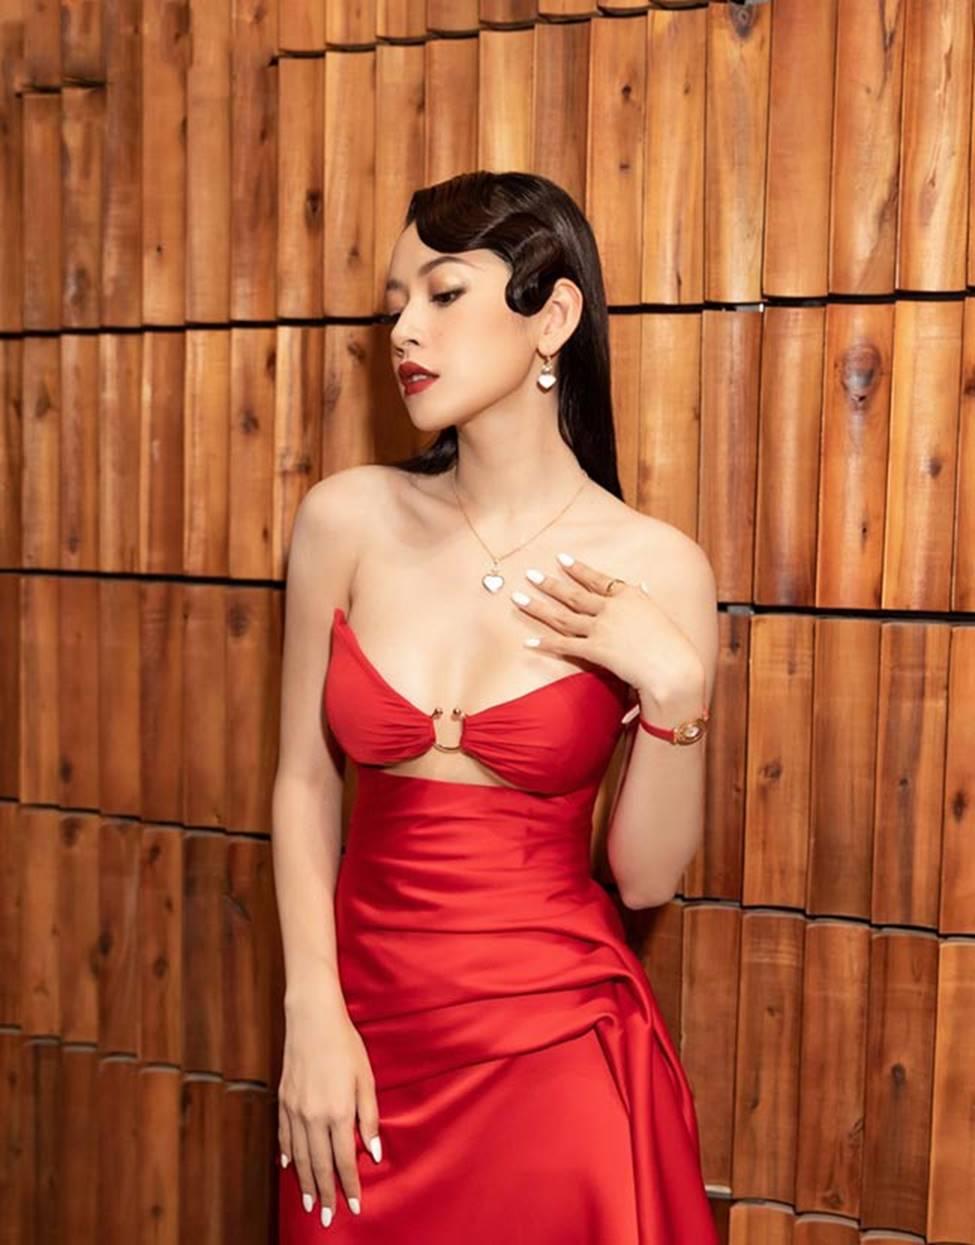 Váy trễ hút ánh nhìn của Chi Pu, Quỳnh búp bê...-4